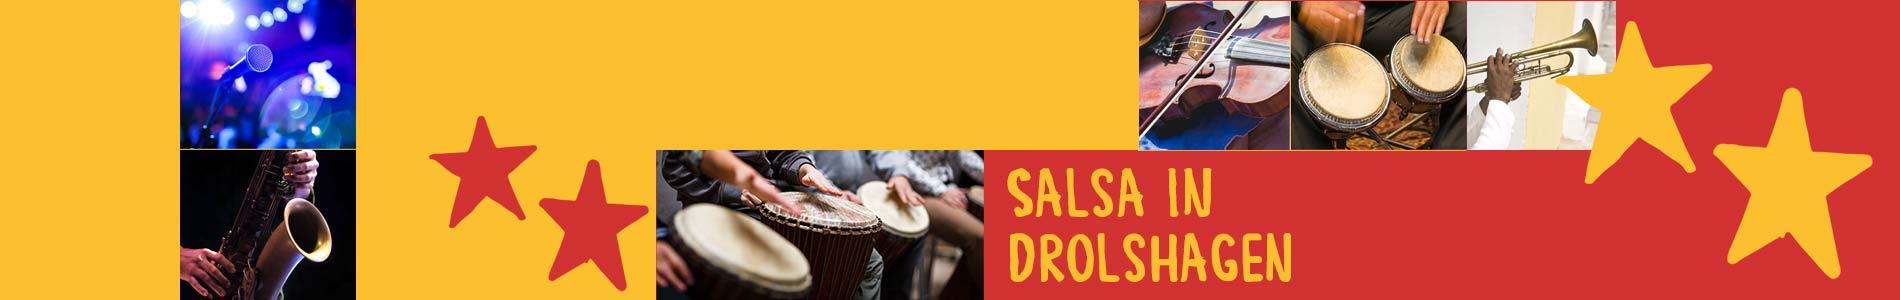 Salsa in Drolshagen – Salsa lernen und tanzen, Tanzkurse, Partys, Veranstaltungen